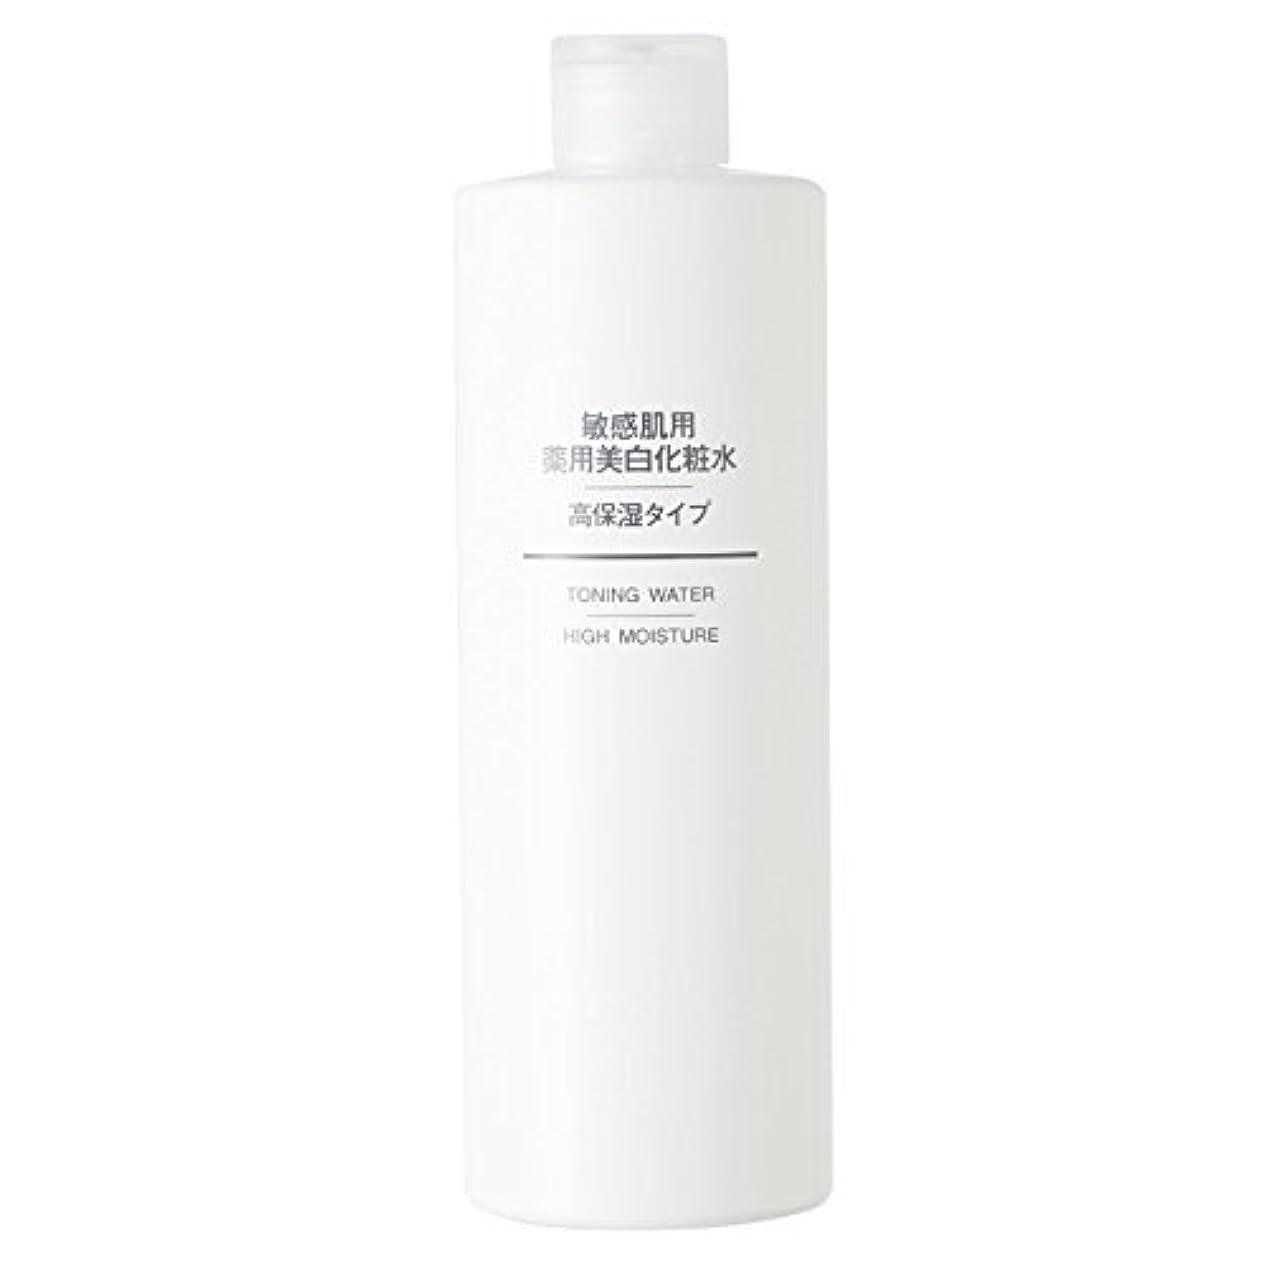 形成リスナーに話す無印良品 敏感肌用薬用美白化粧水?高保湿タイプ(大容量) (新)400ml